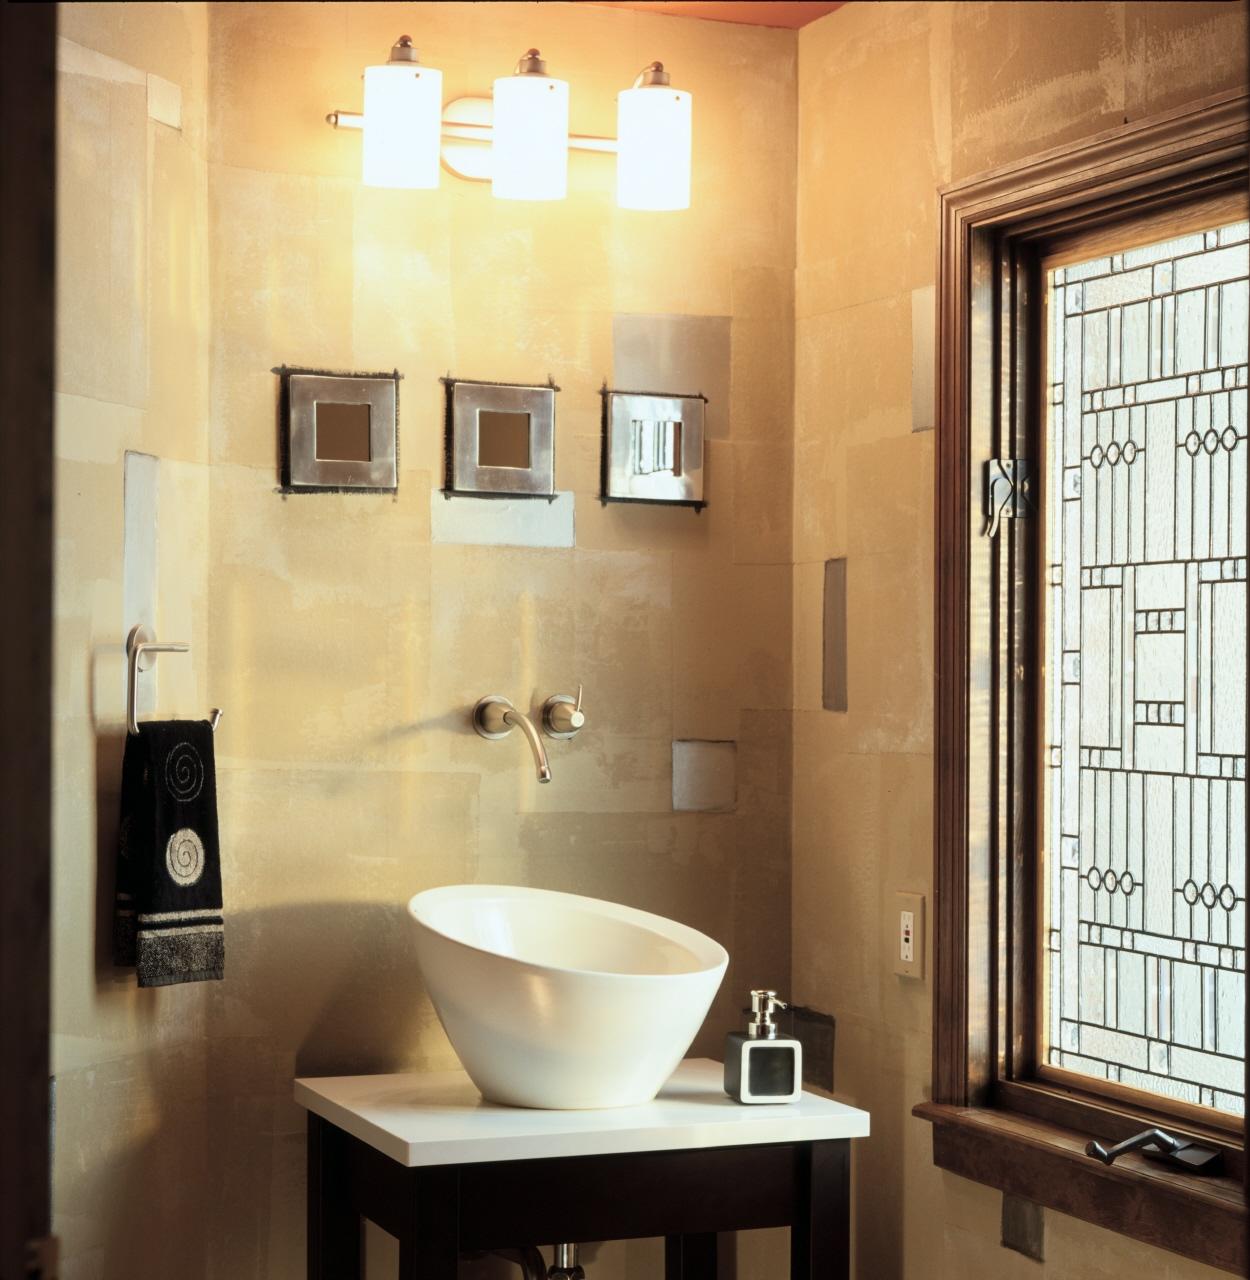 Half Bath with Elegant Sink